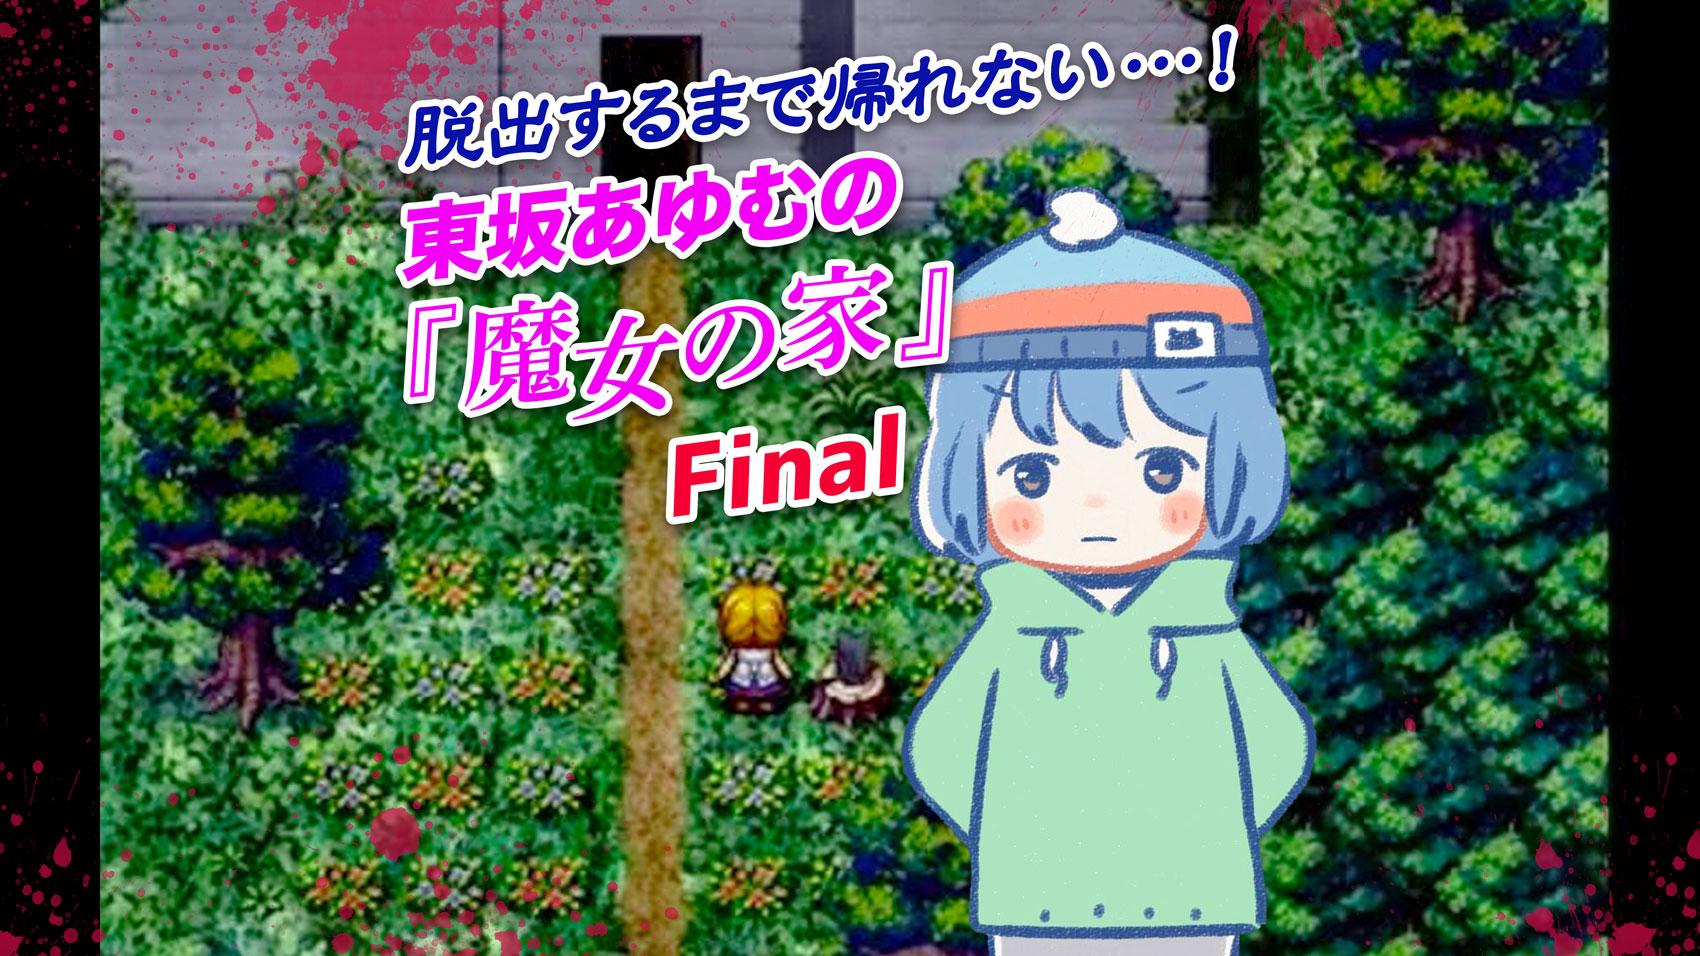 第2回LINE LIVE配信は4/24(水)18:00より!脱出するまで帰れない…!東坂あゆむの『魔女の家』Final!